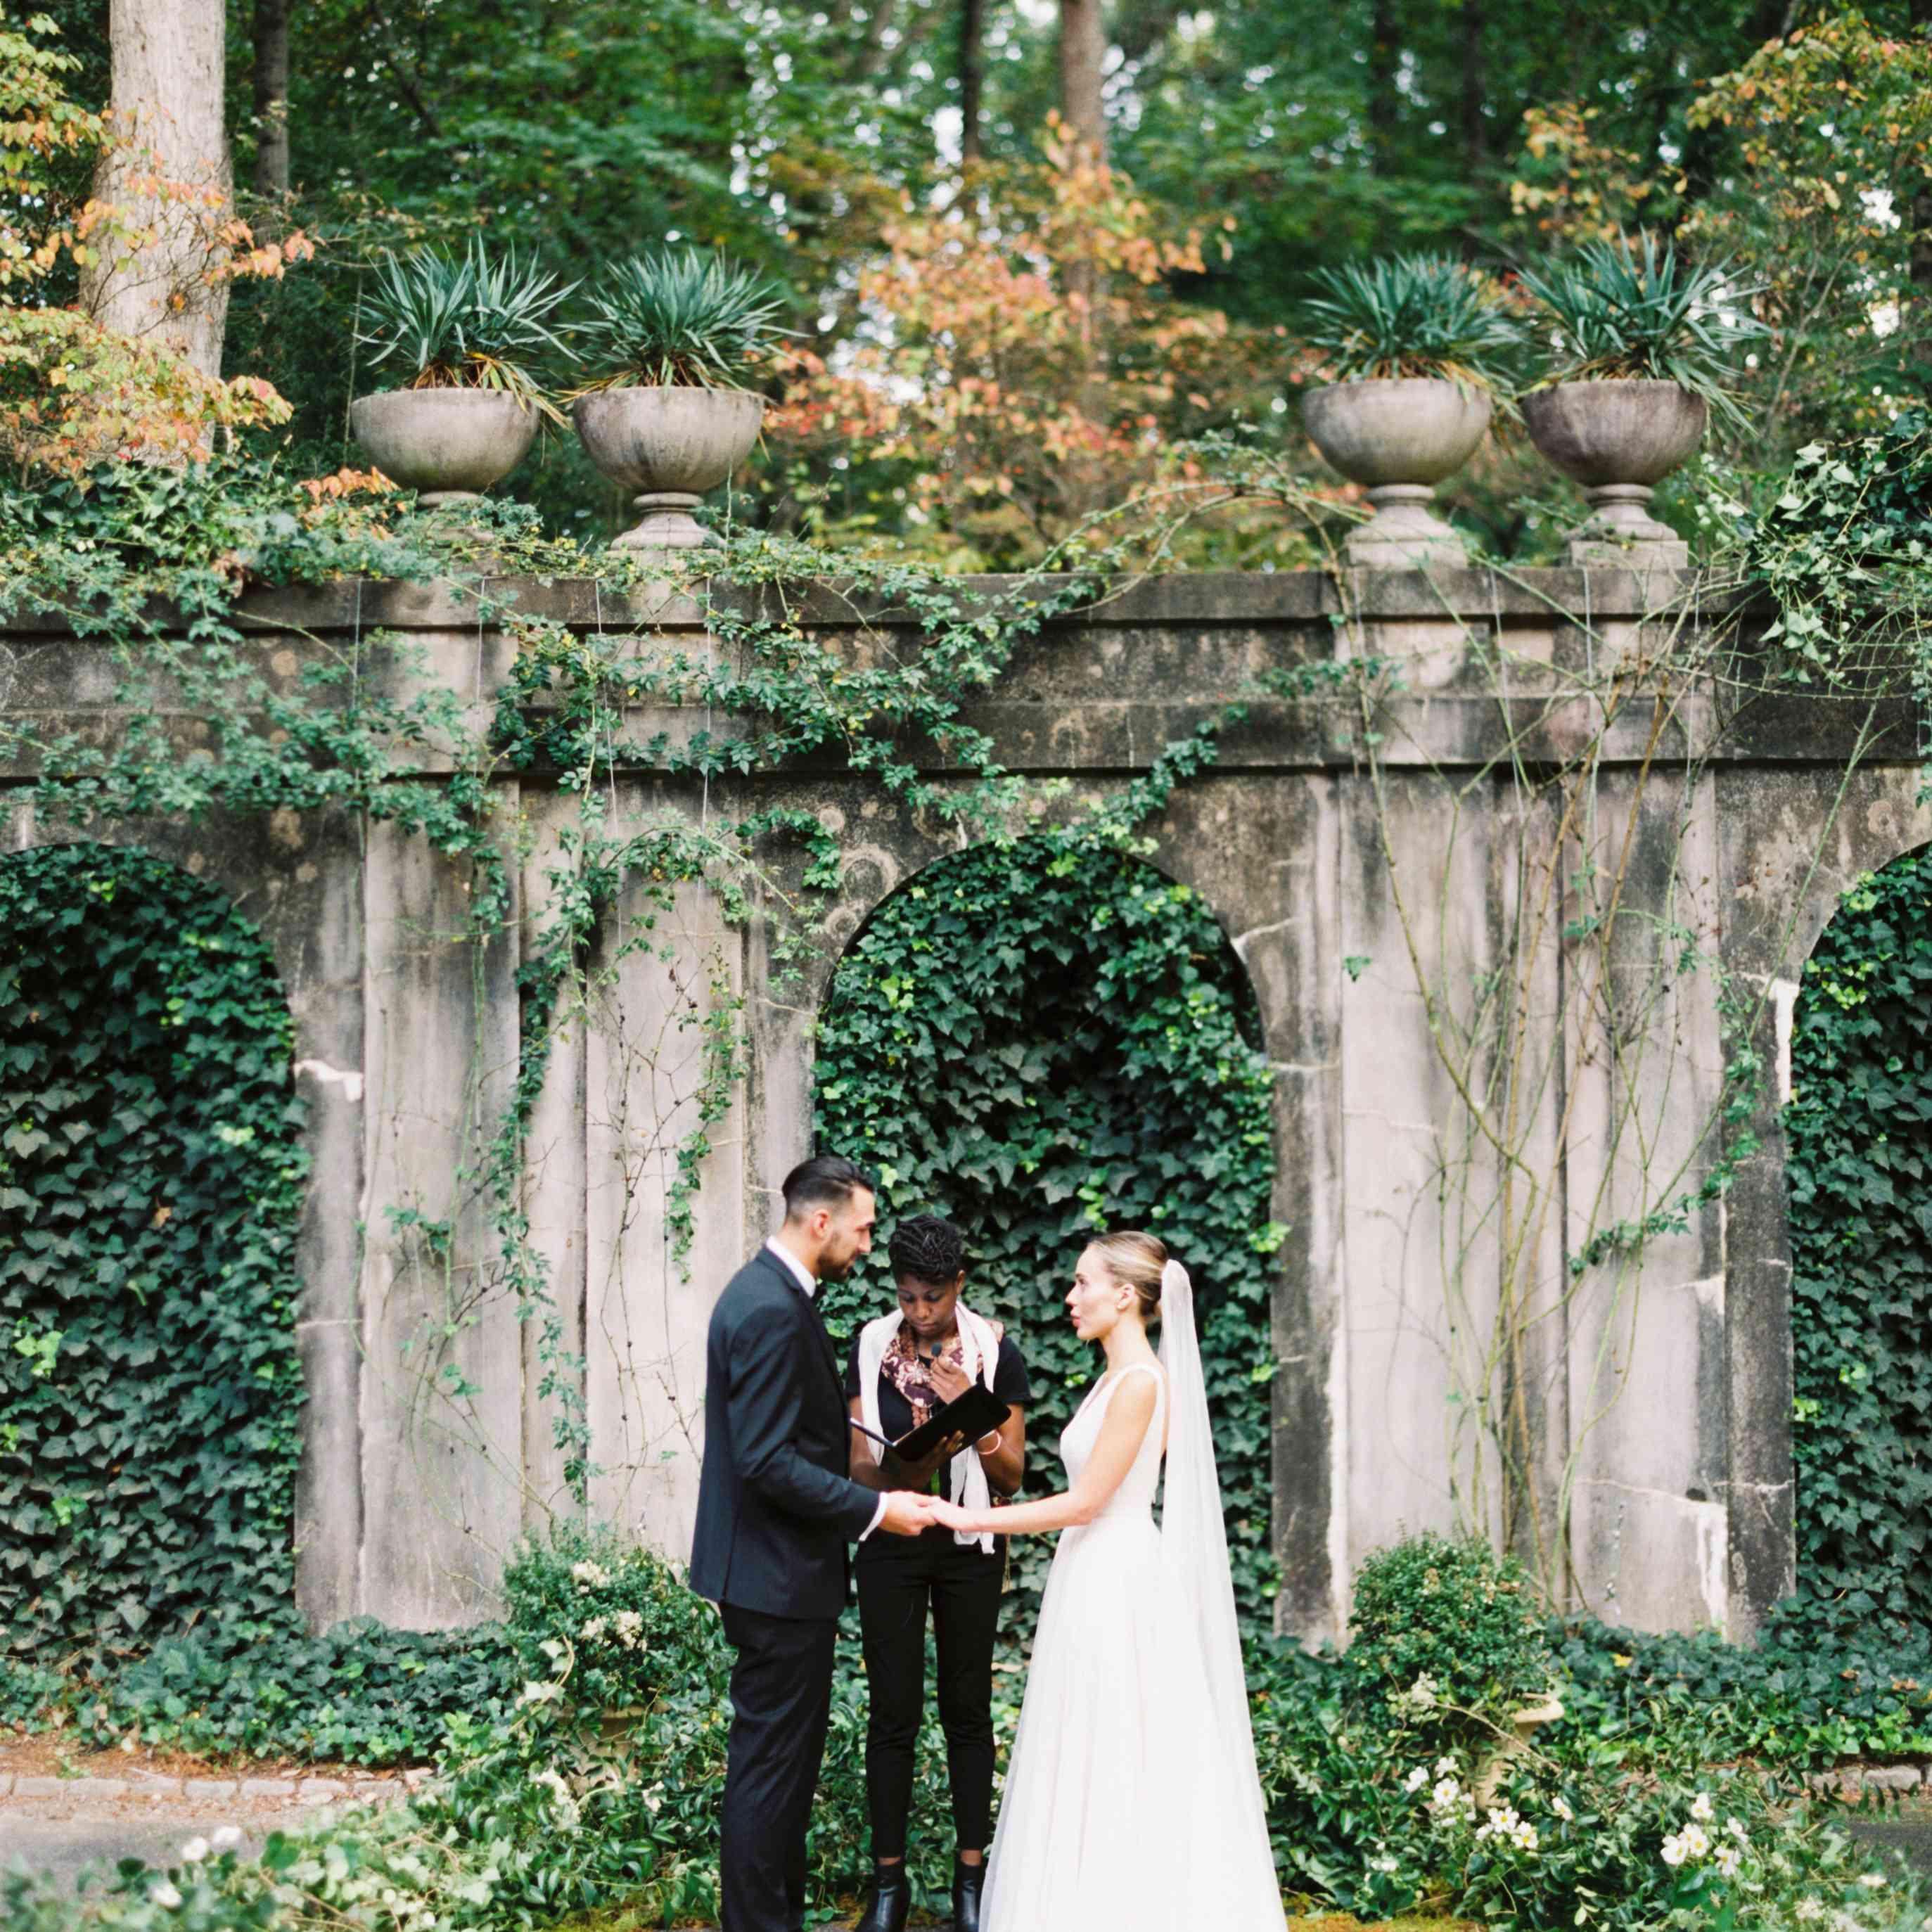 10 Whimsical Garden Wedding Ideas